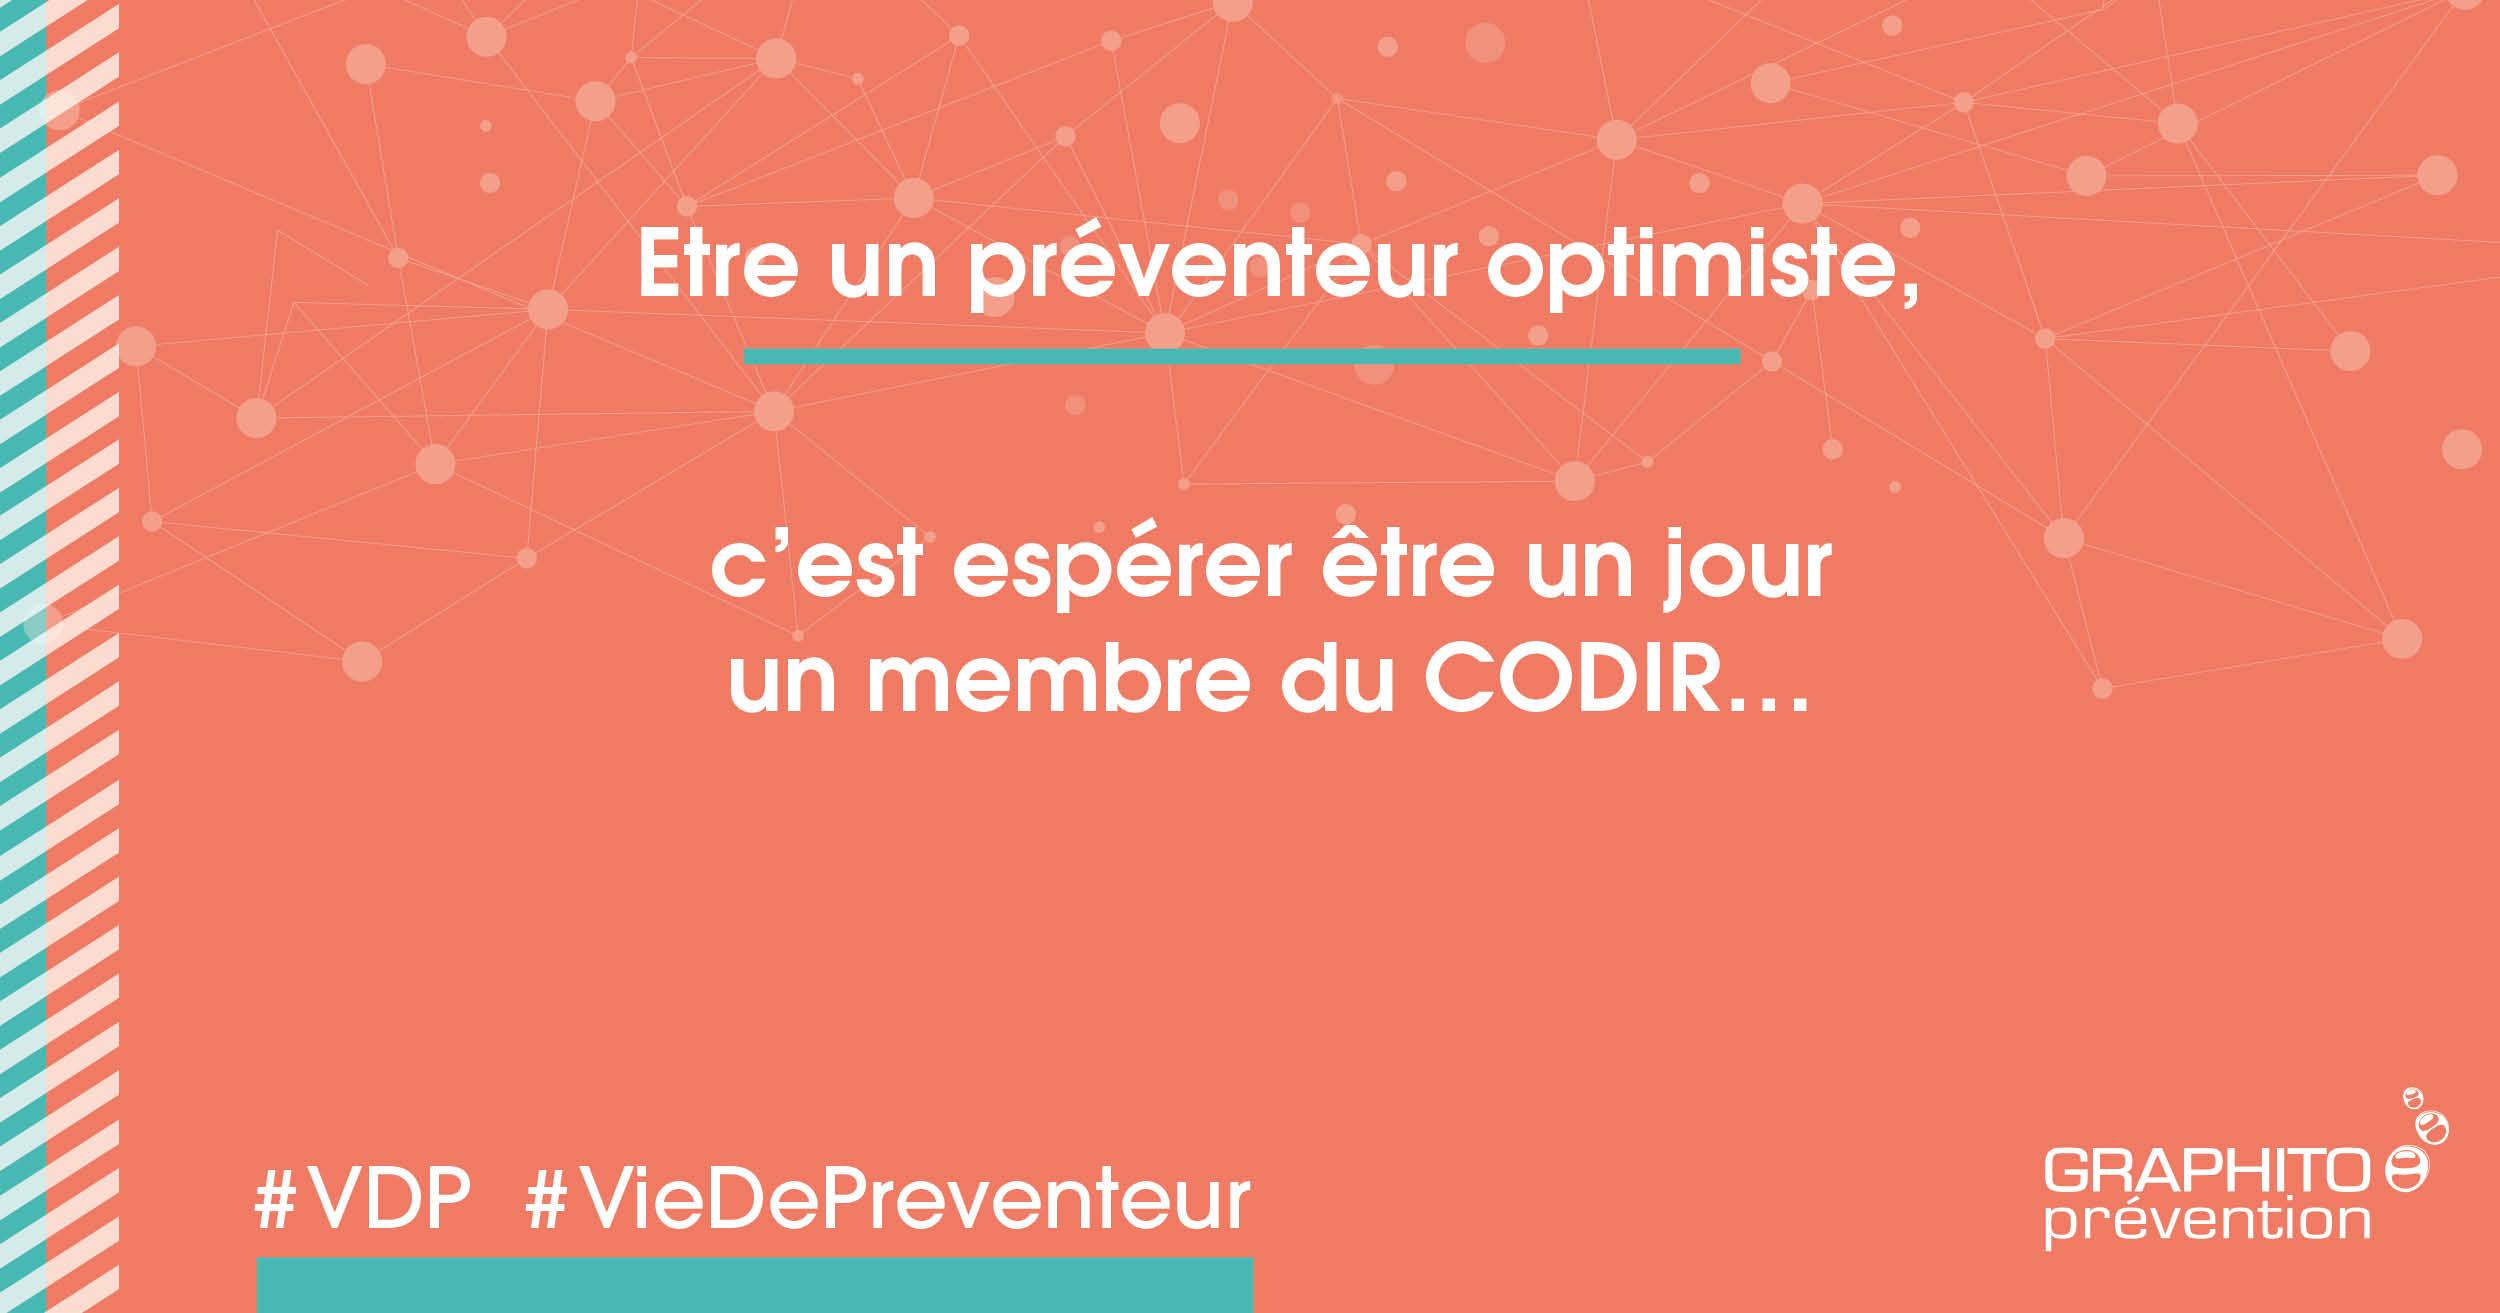 Être un préventeur optimiste, c'est espérer être un jour un membre du CODIR...